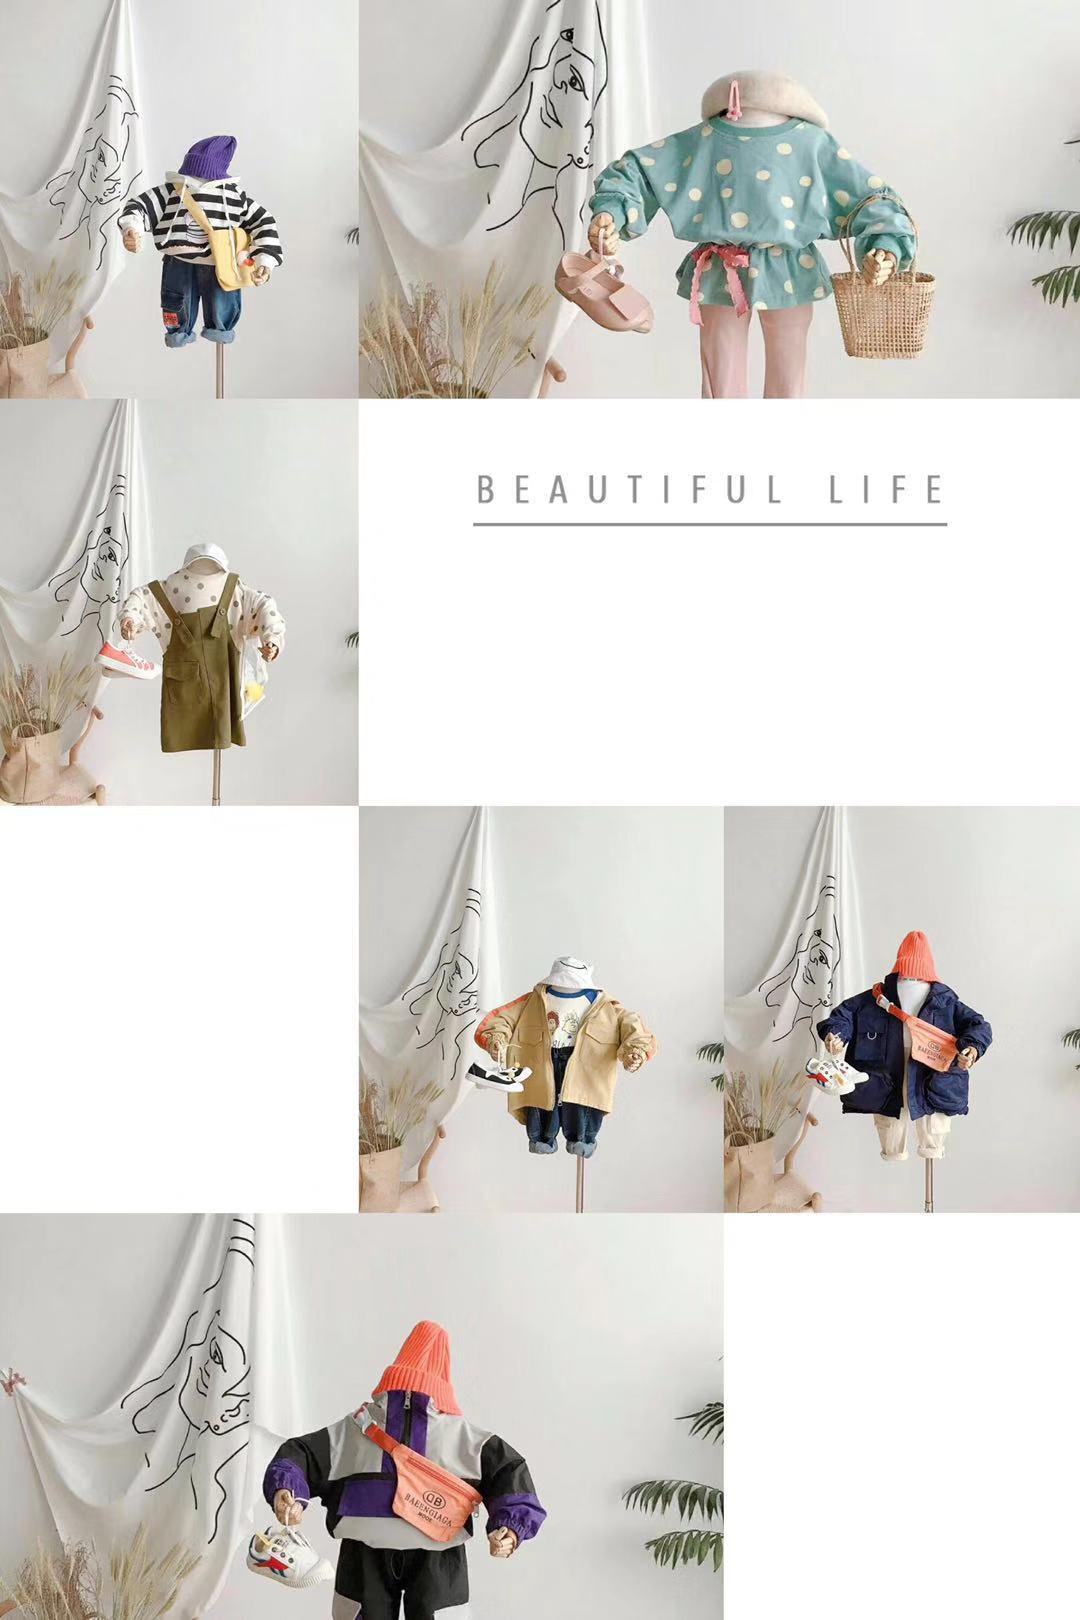 微商女装童装一手货源号厂家招免费代理一件代发韩版高